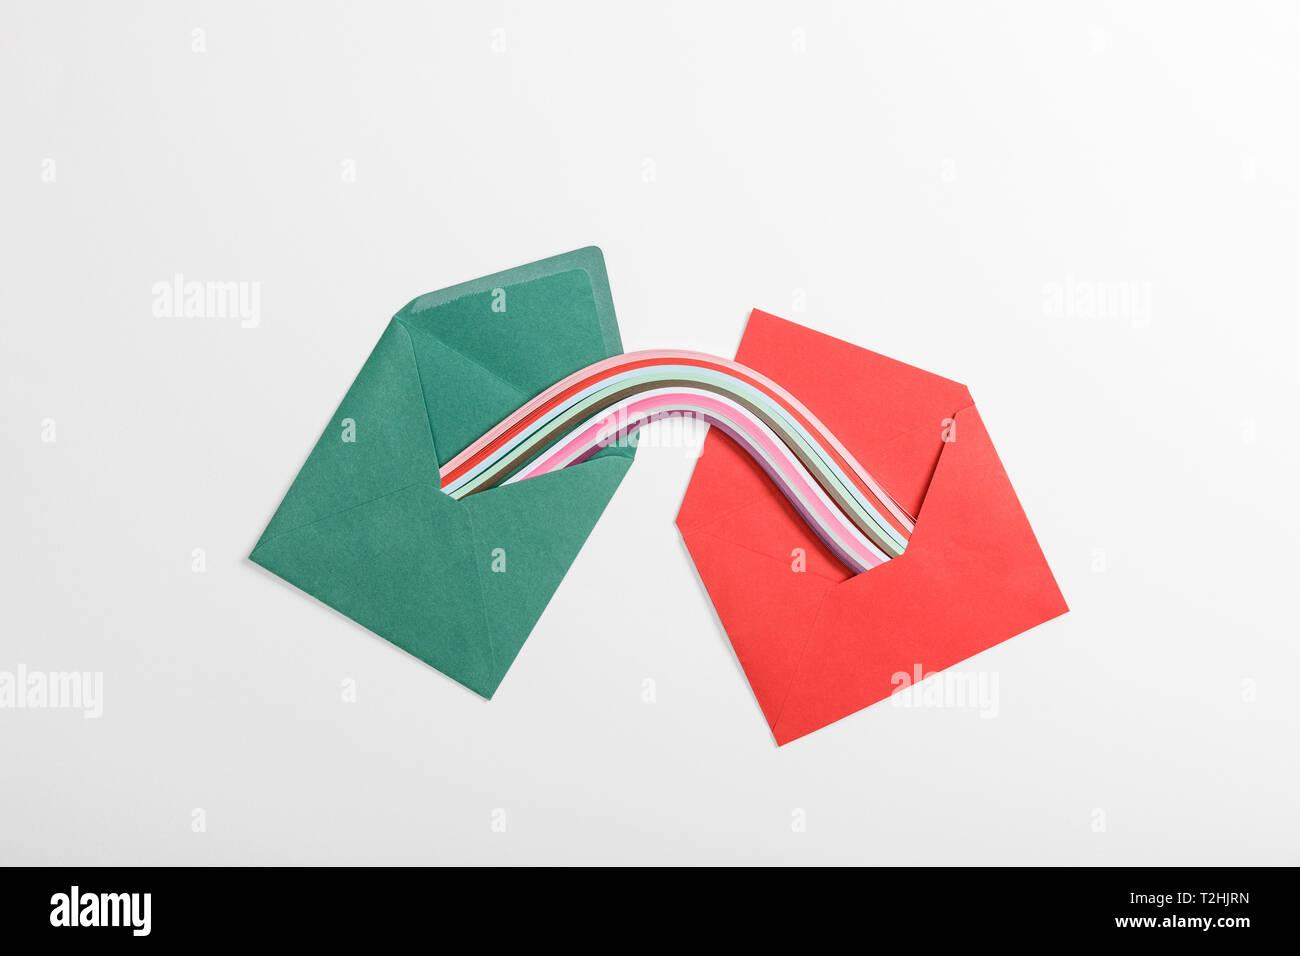 Vista Superiore Di Verde E Rosso Buste Con Multicolore Arcobaleno Su